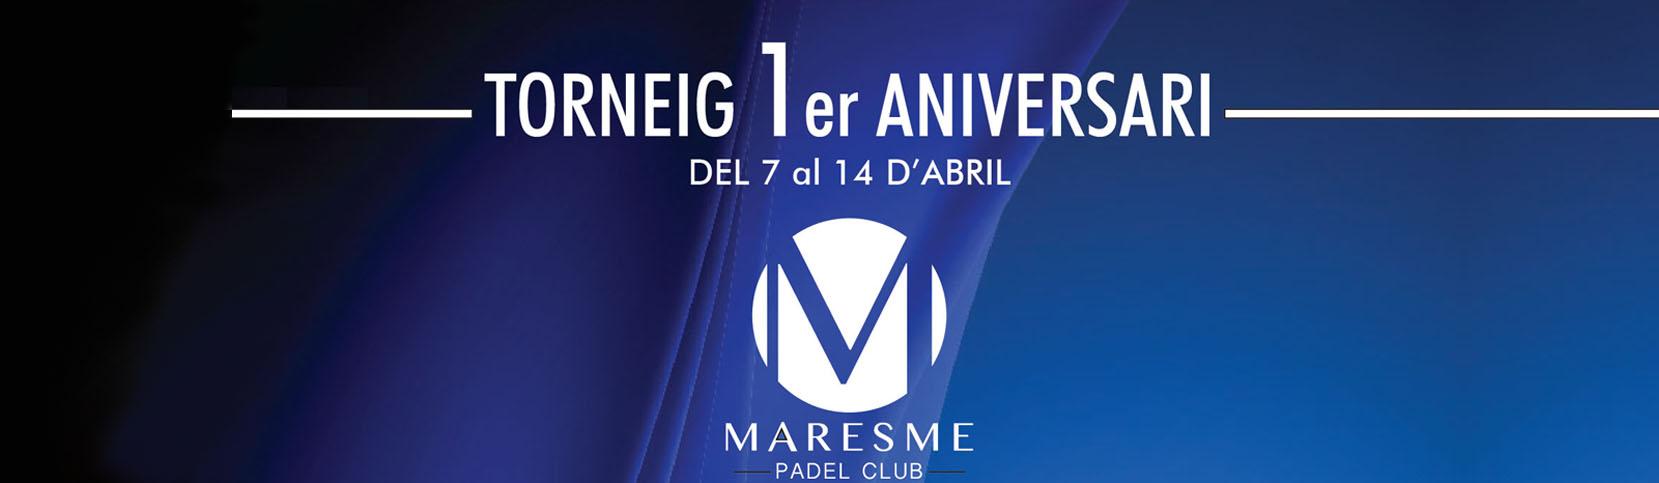 Torneig primer aniversari Maresme Padel Club